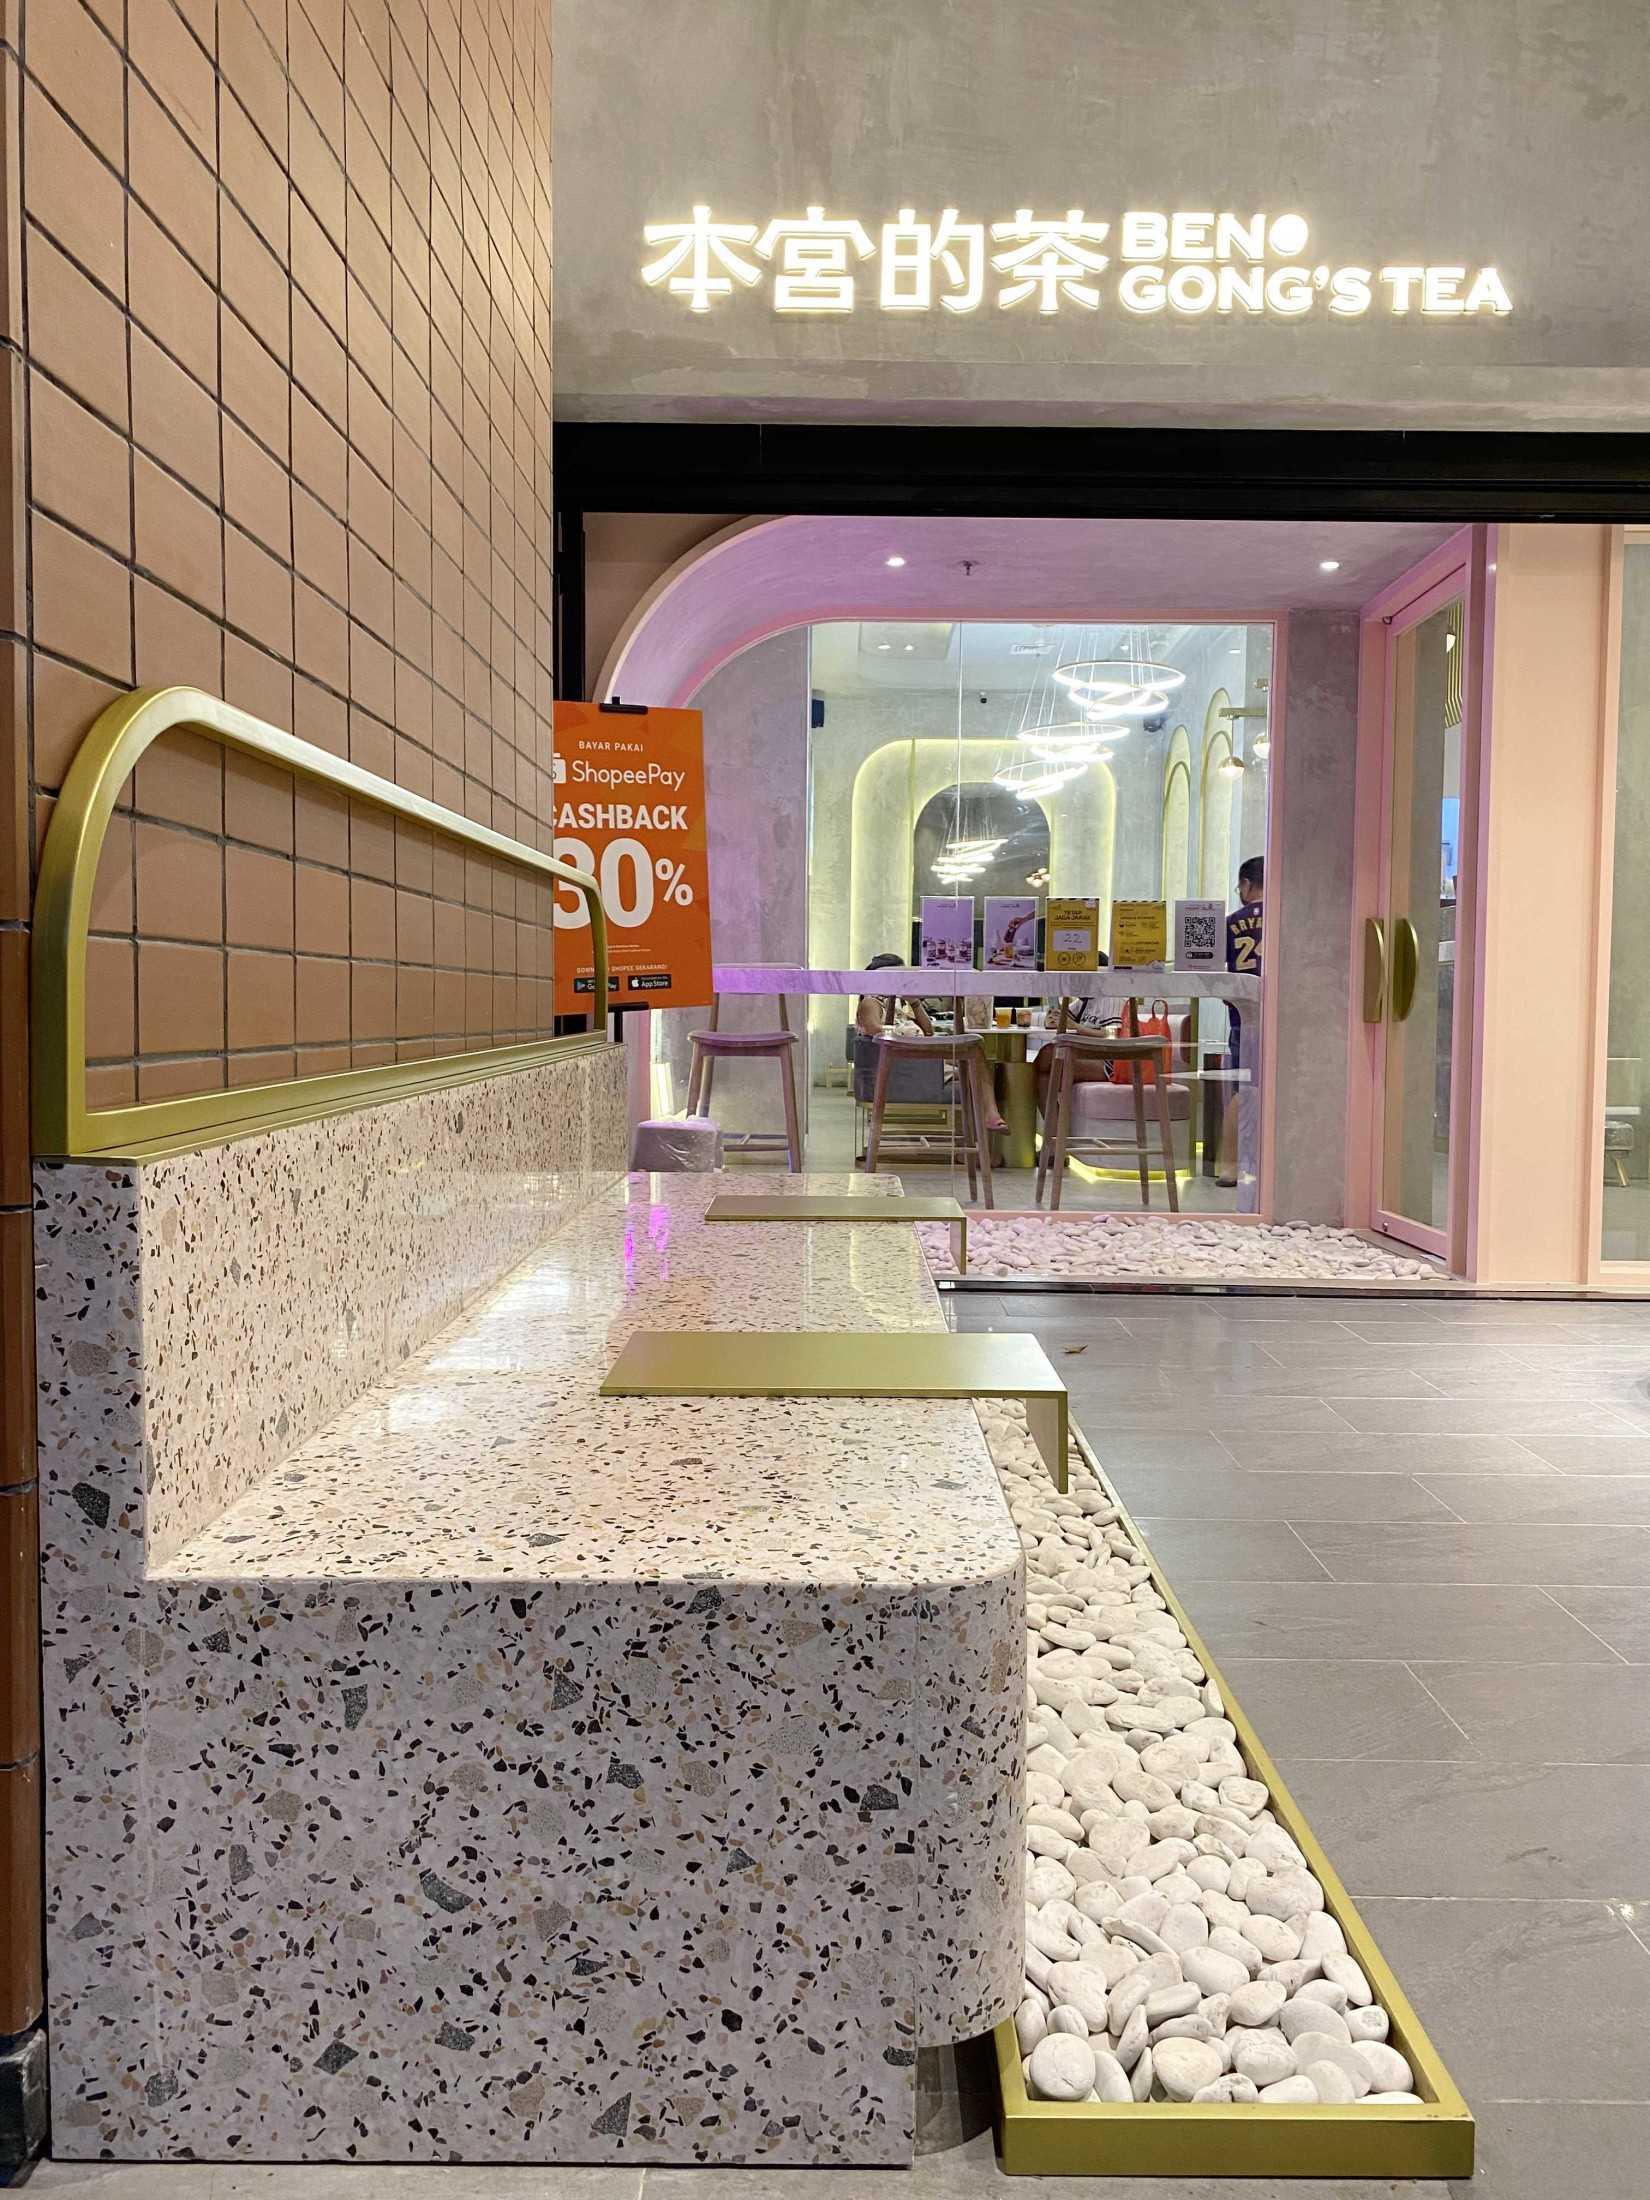 7Design Architect Ben Gong's Tea Karawaci Kec. Karawaci, Kota Tangerang, Banten, Indonesia Kec. Karawaci, Kota Tangerang, Banten, Indonesia 7Design-Architect-Ben-Gongs-Tea-Karawaci  117960